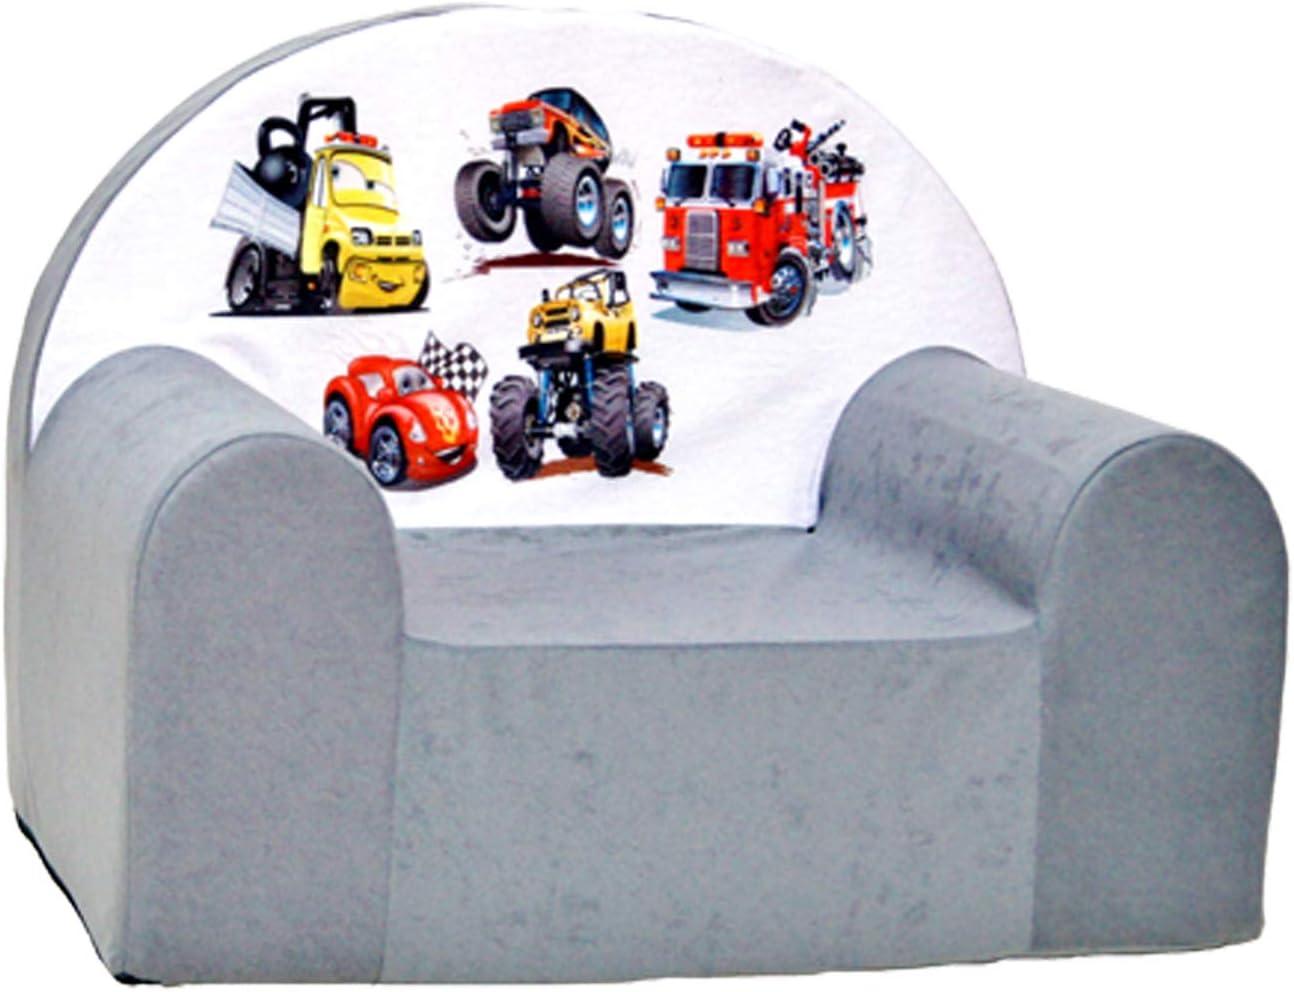 Grau hergestellt aus Baumwolle f/ür Jungen und M/ädchen im Alter von 1 bis 4 Jahre YourSurprise Kindersessel mit Namen Kindersessel personalisiert mit Namen oder Text